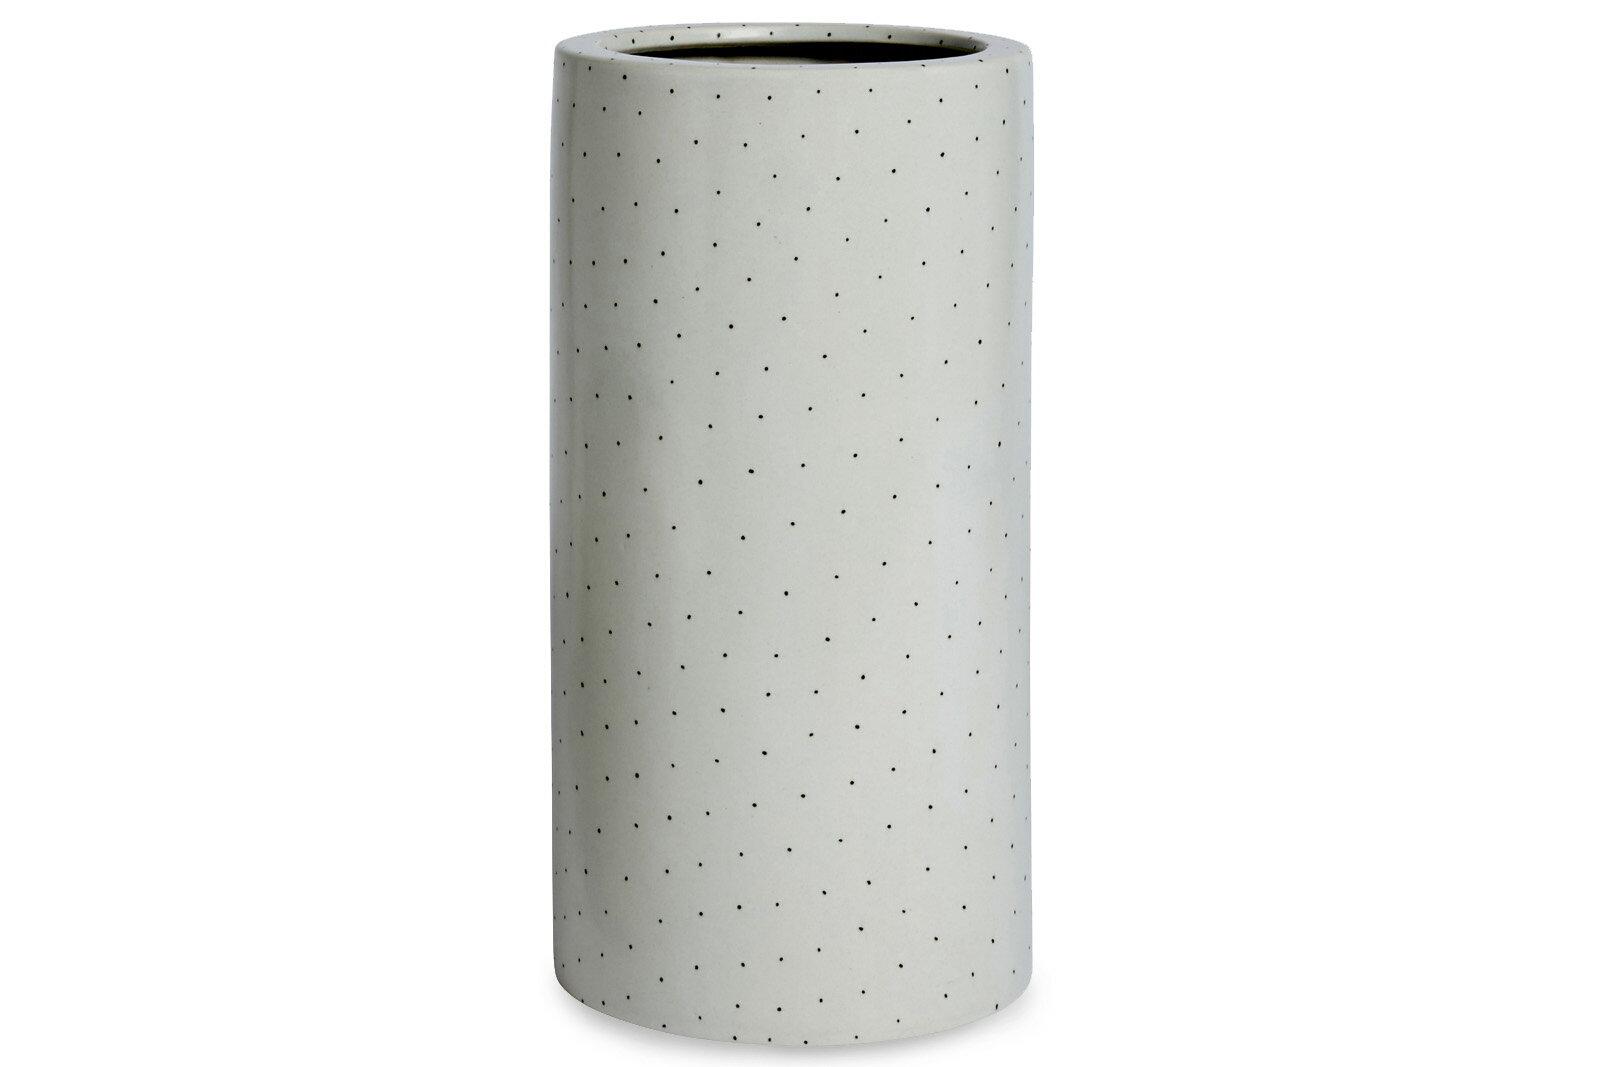 インテリア小物・置物, 花瓶 OYOY Living Design 38cm